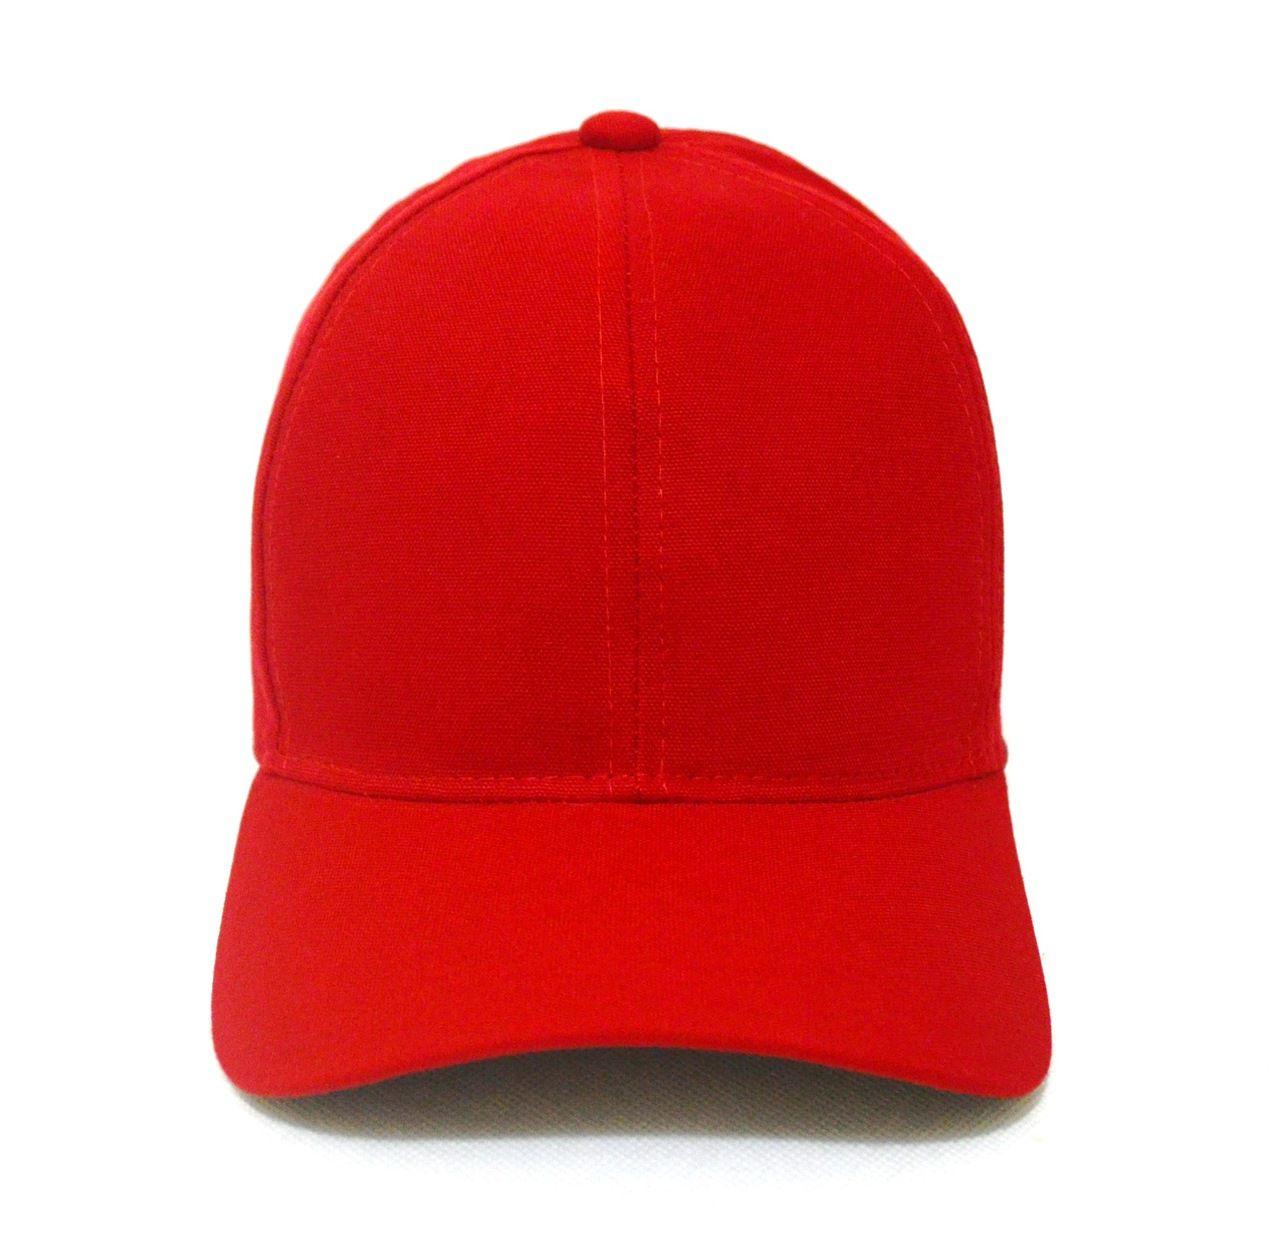 Boné Vermelho Liso Unisex Aba Curva - Super Leve e com Ajuste de Tamanho